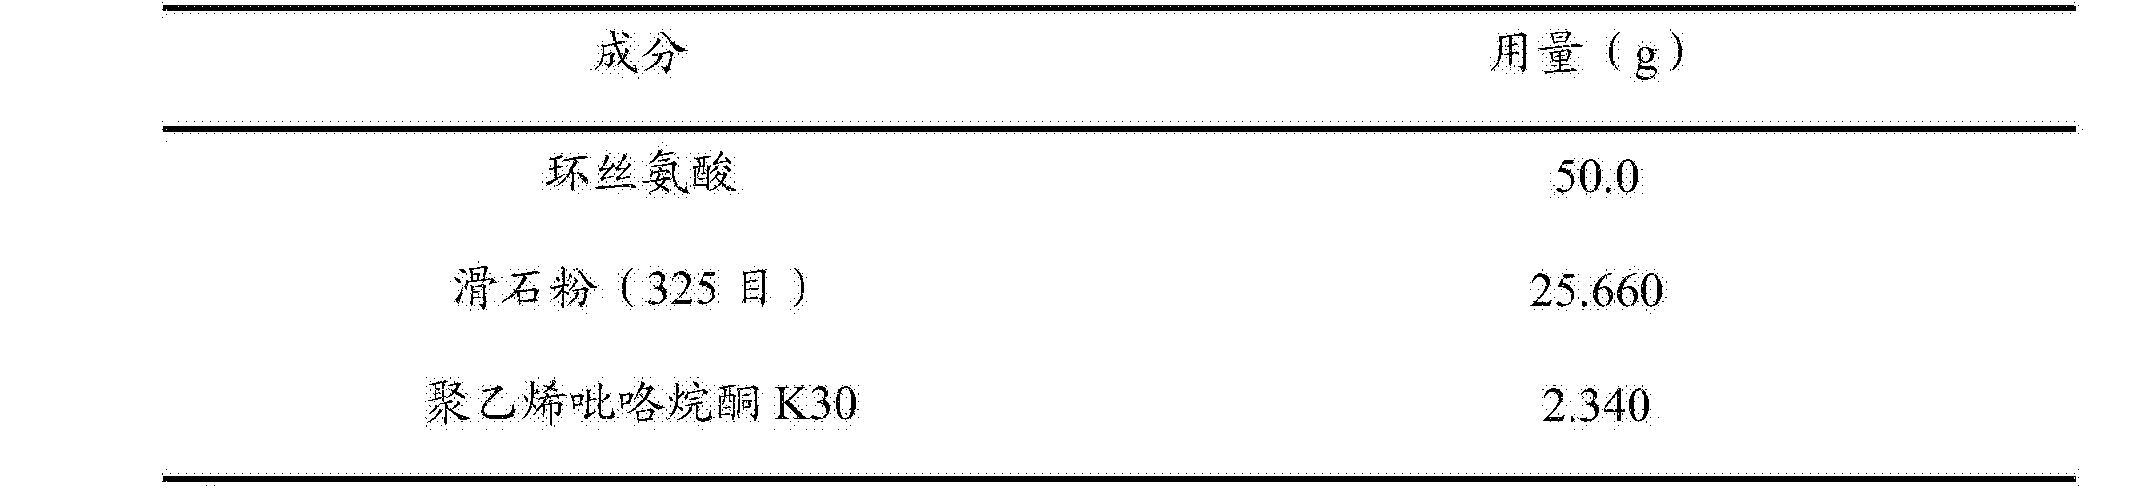 Figure CN105476976BD00232